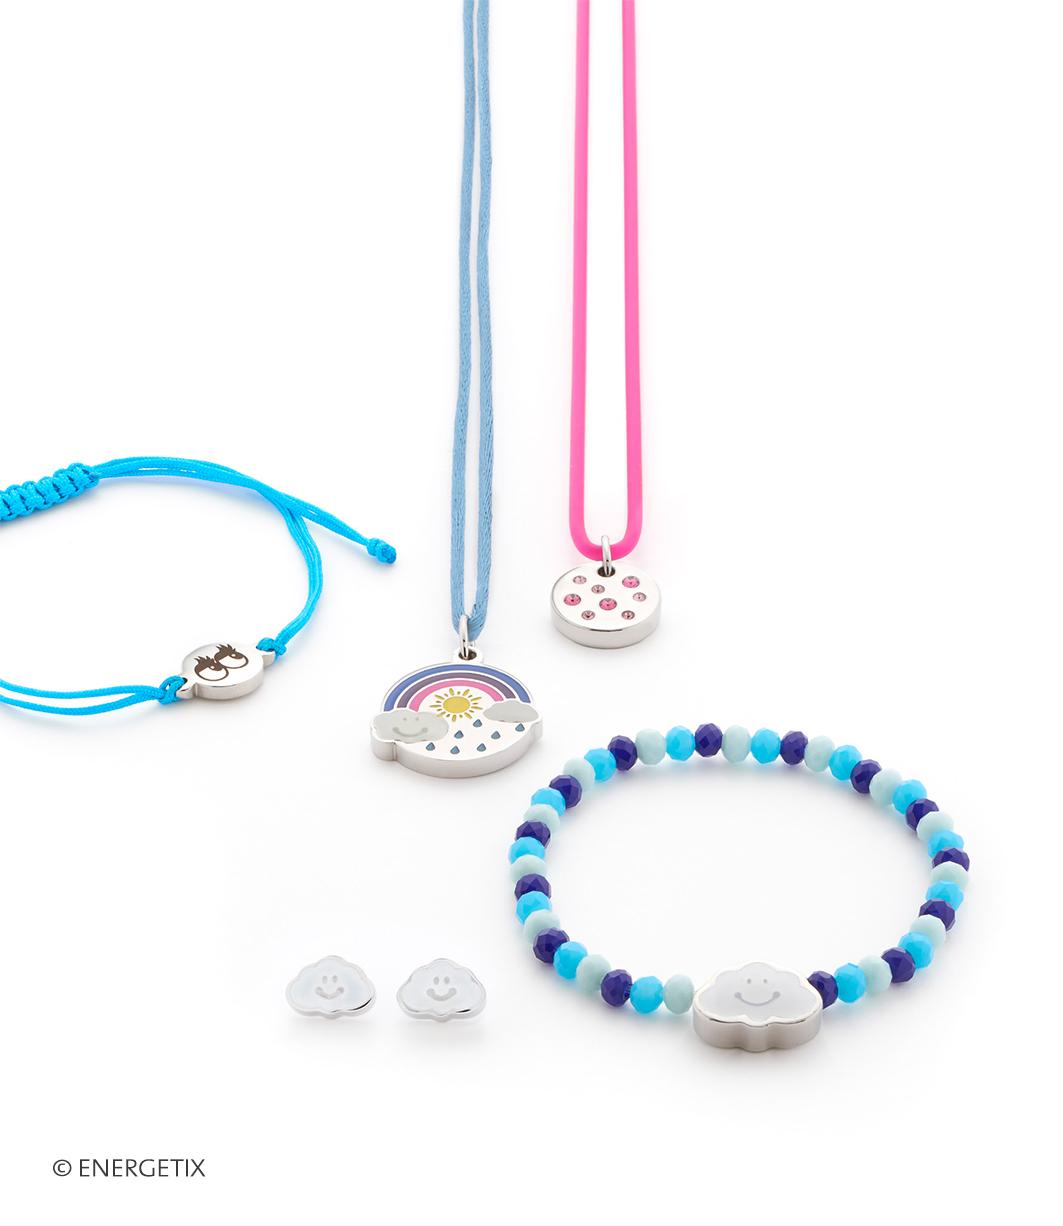 Afbeelding van leuke armbanden en hangers magneetsieraden voor kinderen.